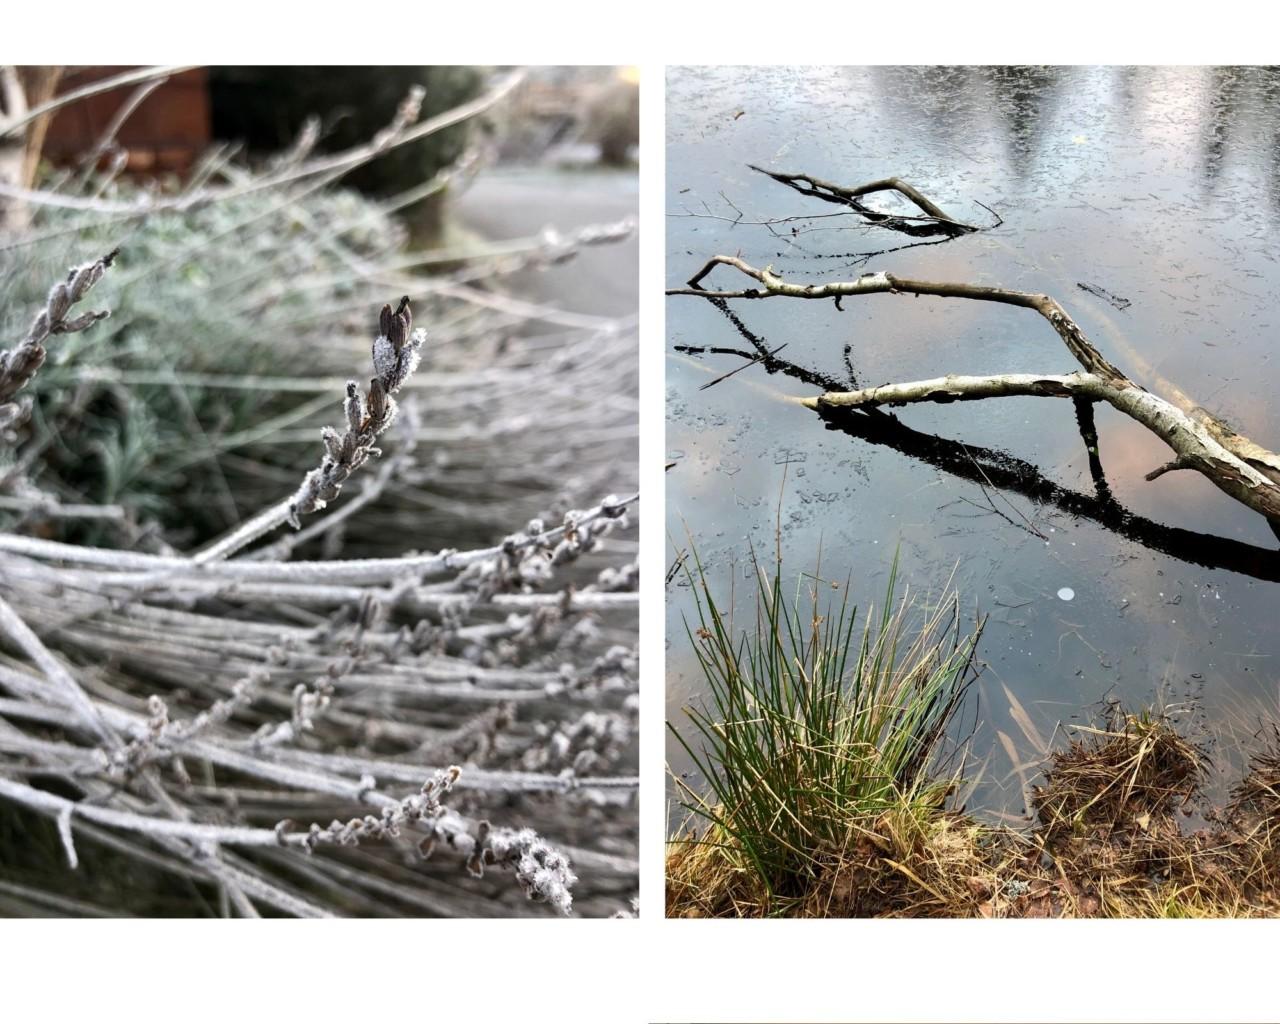 vinter-2020-jul-frost-rim-nesodden-greenhouse